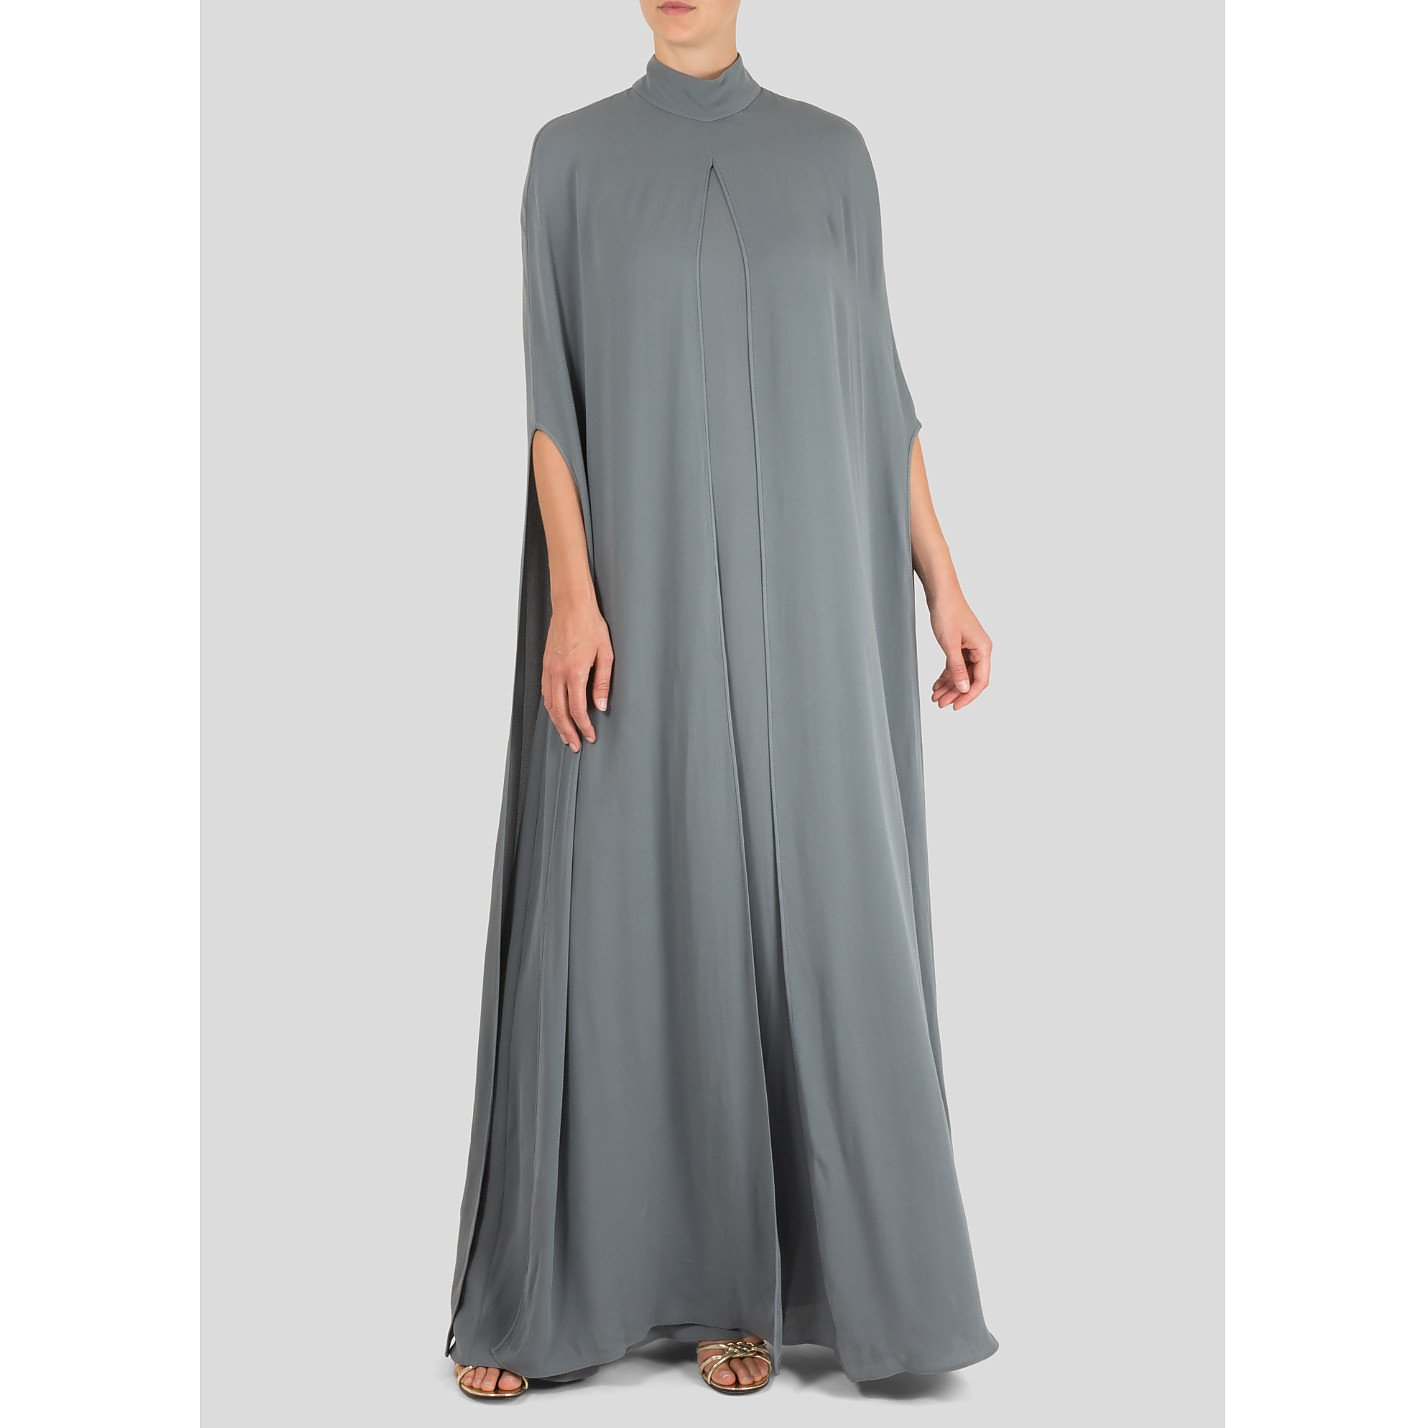 Valentino Cape-Style Silk Gown